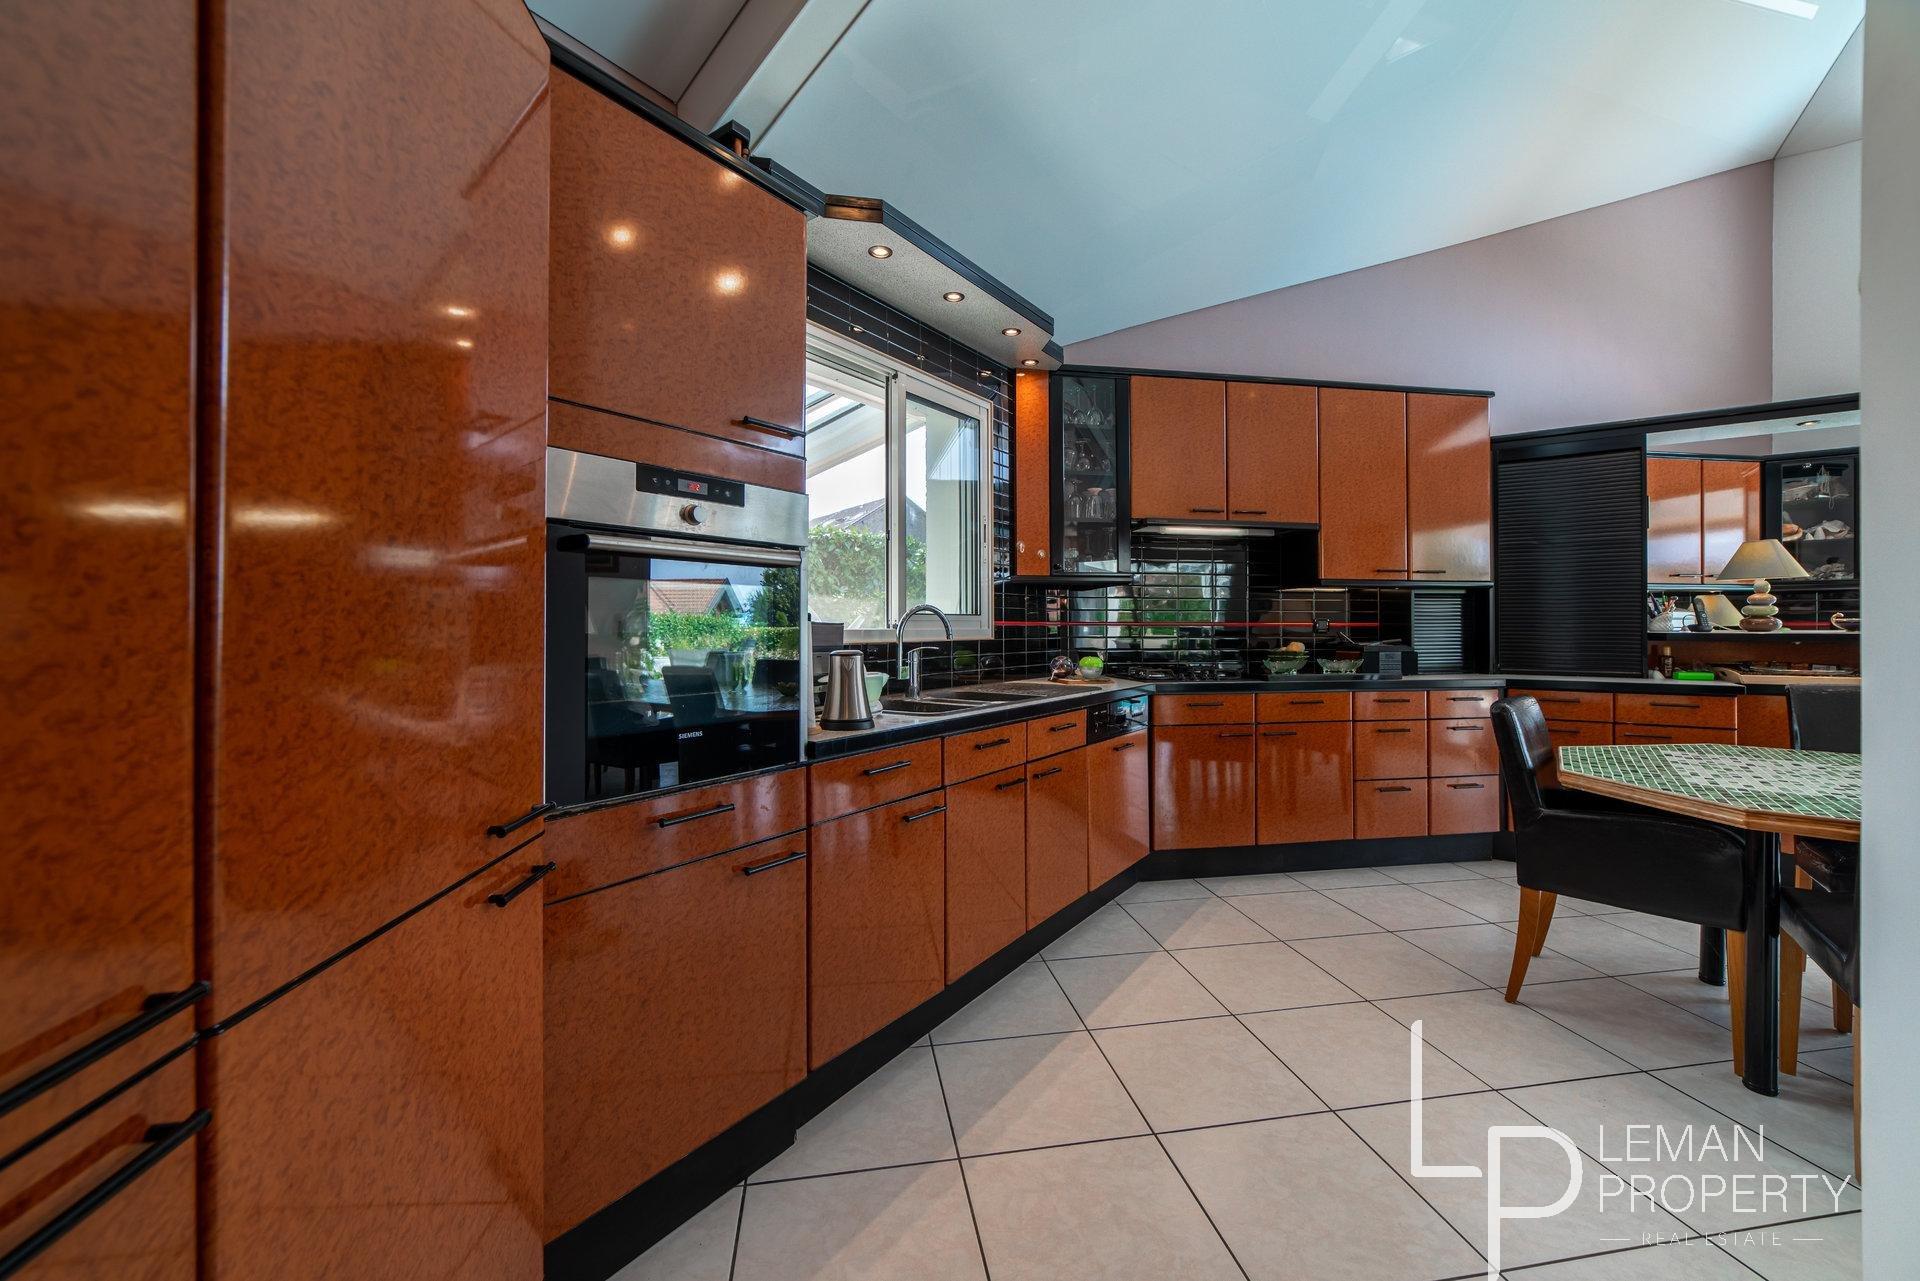 L'agence Leman property vous propose un maison à la vente